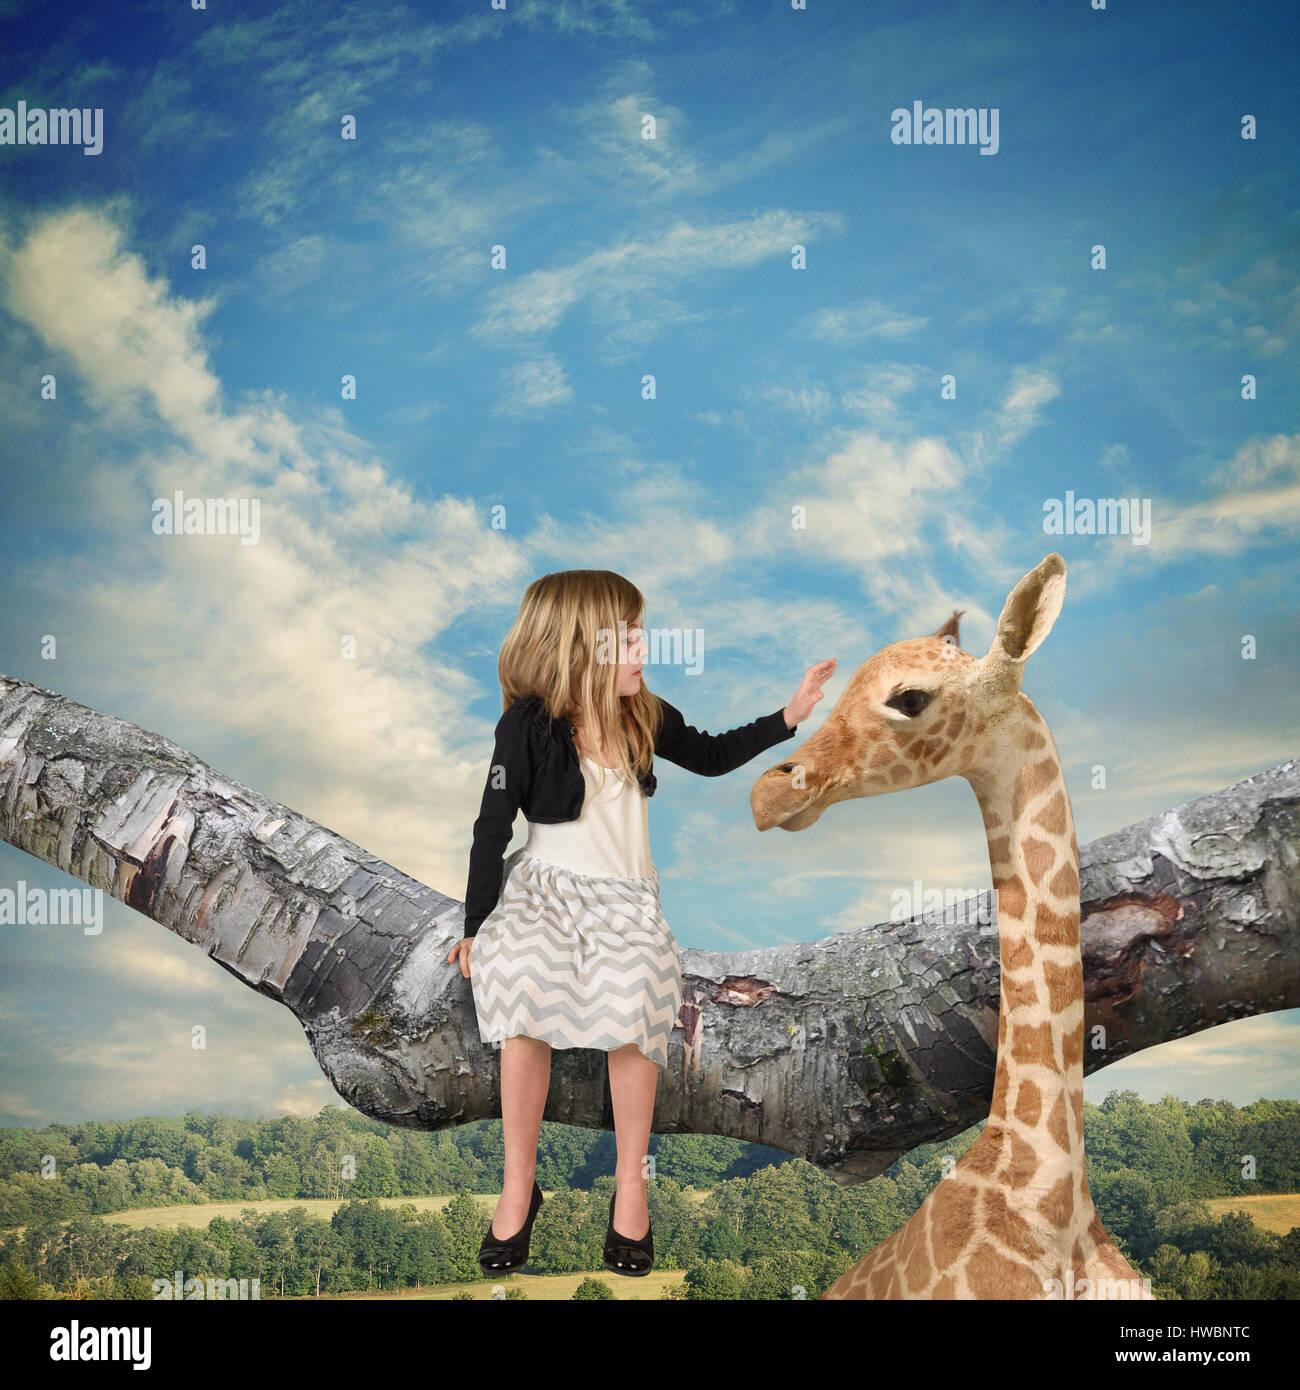 Un petit enfant est assis sur une branche d'arbre de flatter une girafe dans le ciel pour une imagination idée Photo Stock